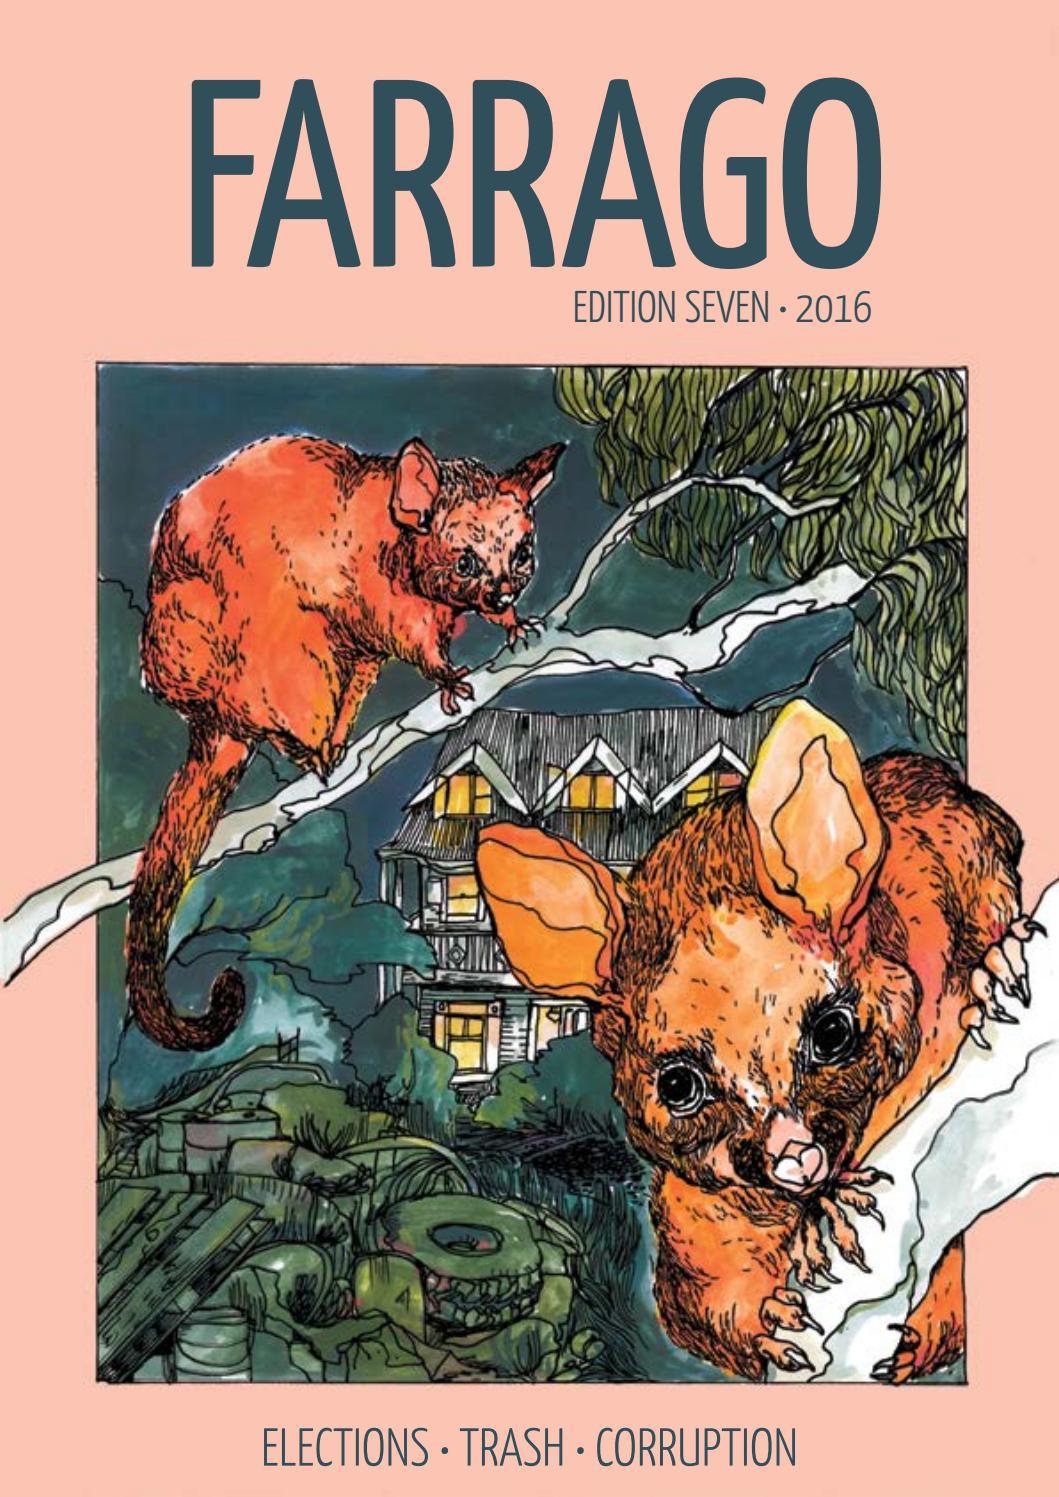 29f71d7ad8d8 2016 Edition 7 by Farrago Magazine - issuu